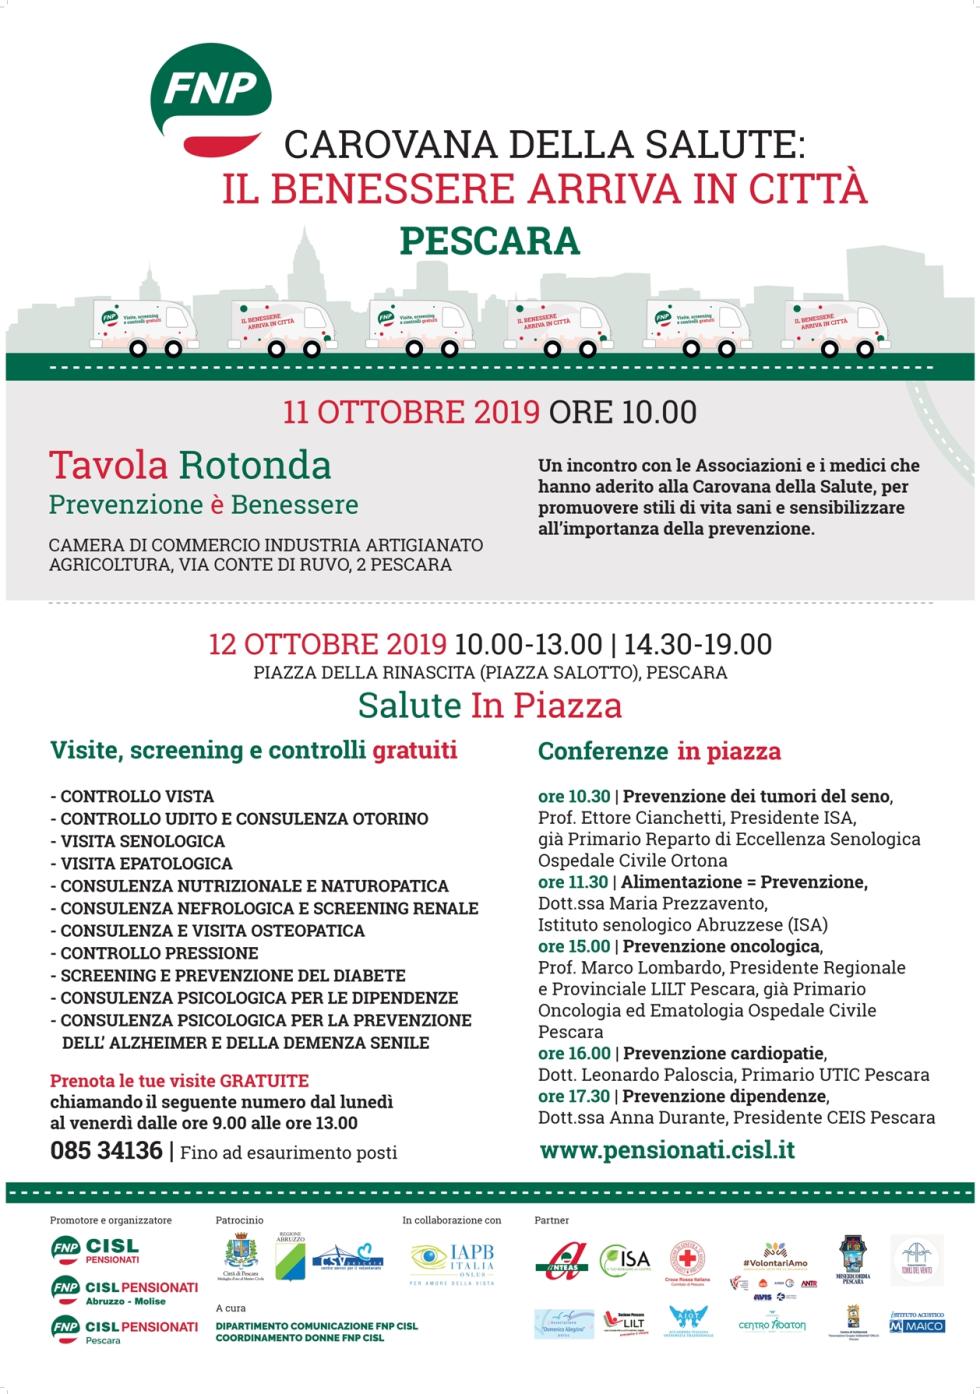 Carovana Della Salute In Arrivo La Tappa Di Pescara Fnp Cisl Abruzzo Molise